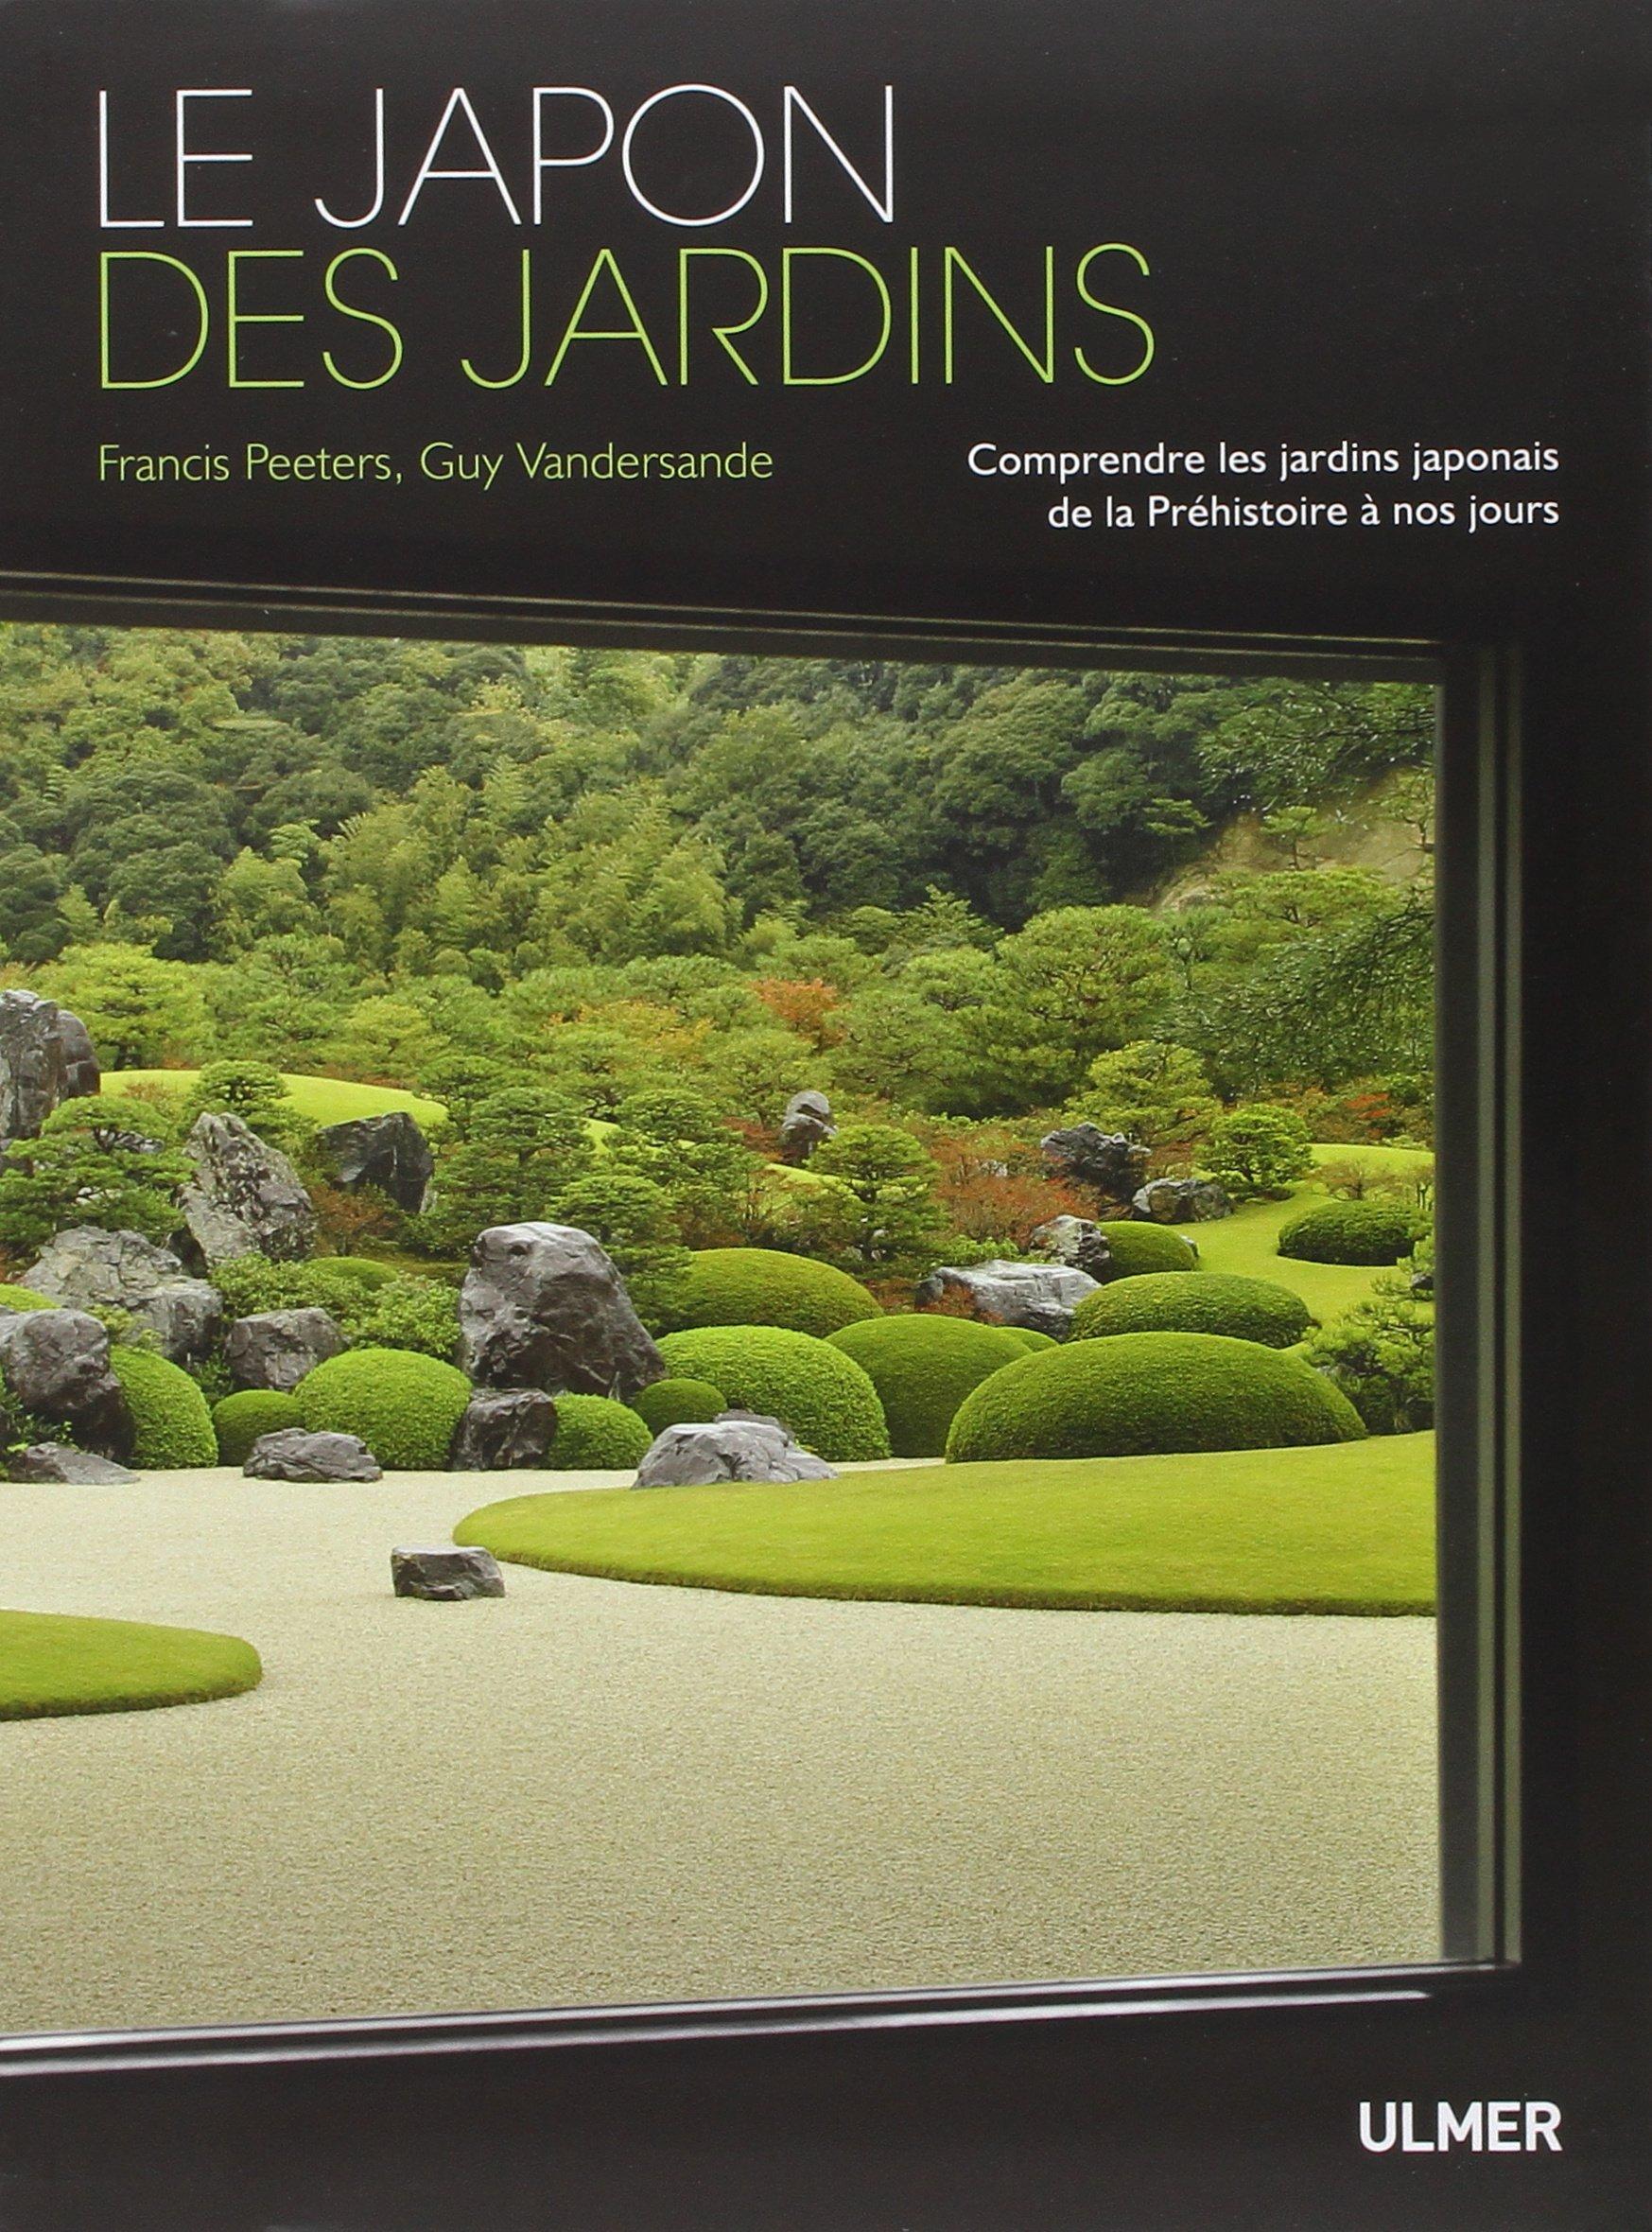 Le japon des jardins : Comprendre les jardins japonnais de la Préhistoire à nos jours